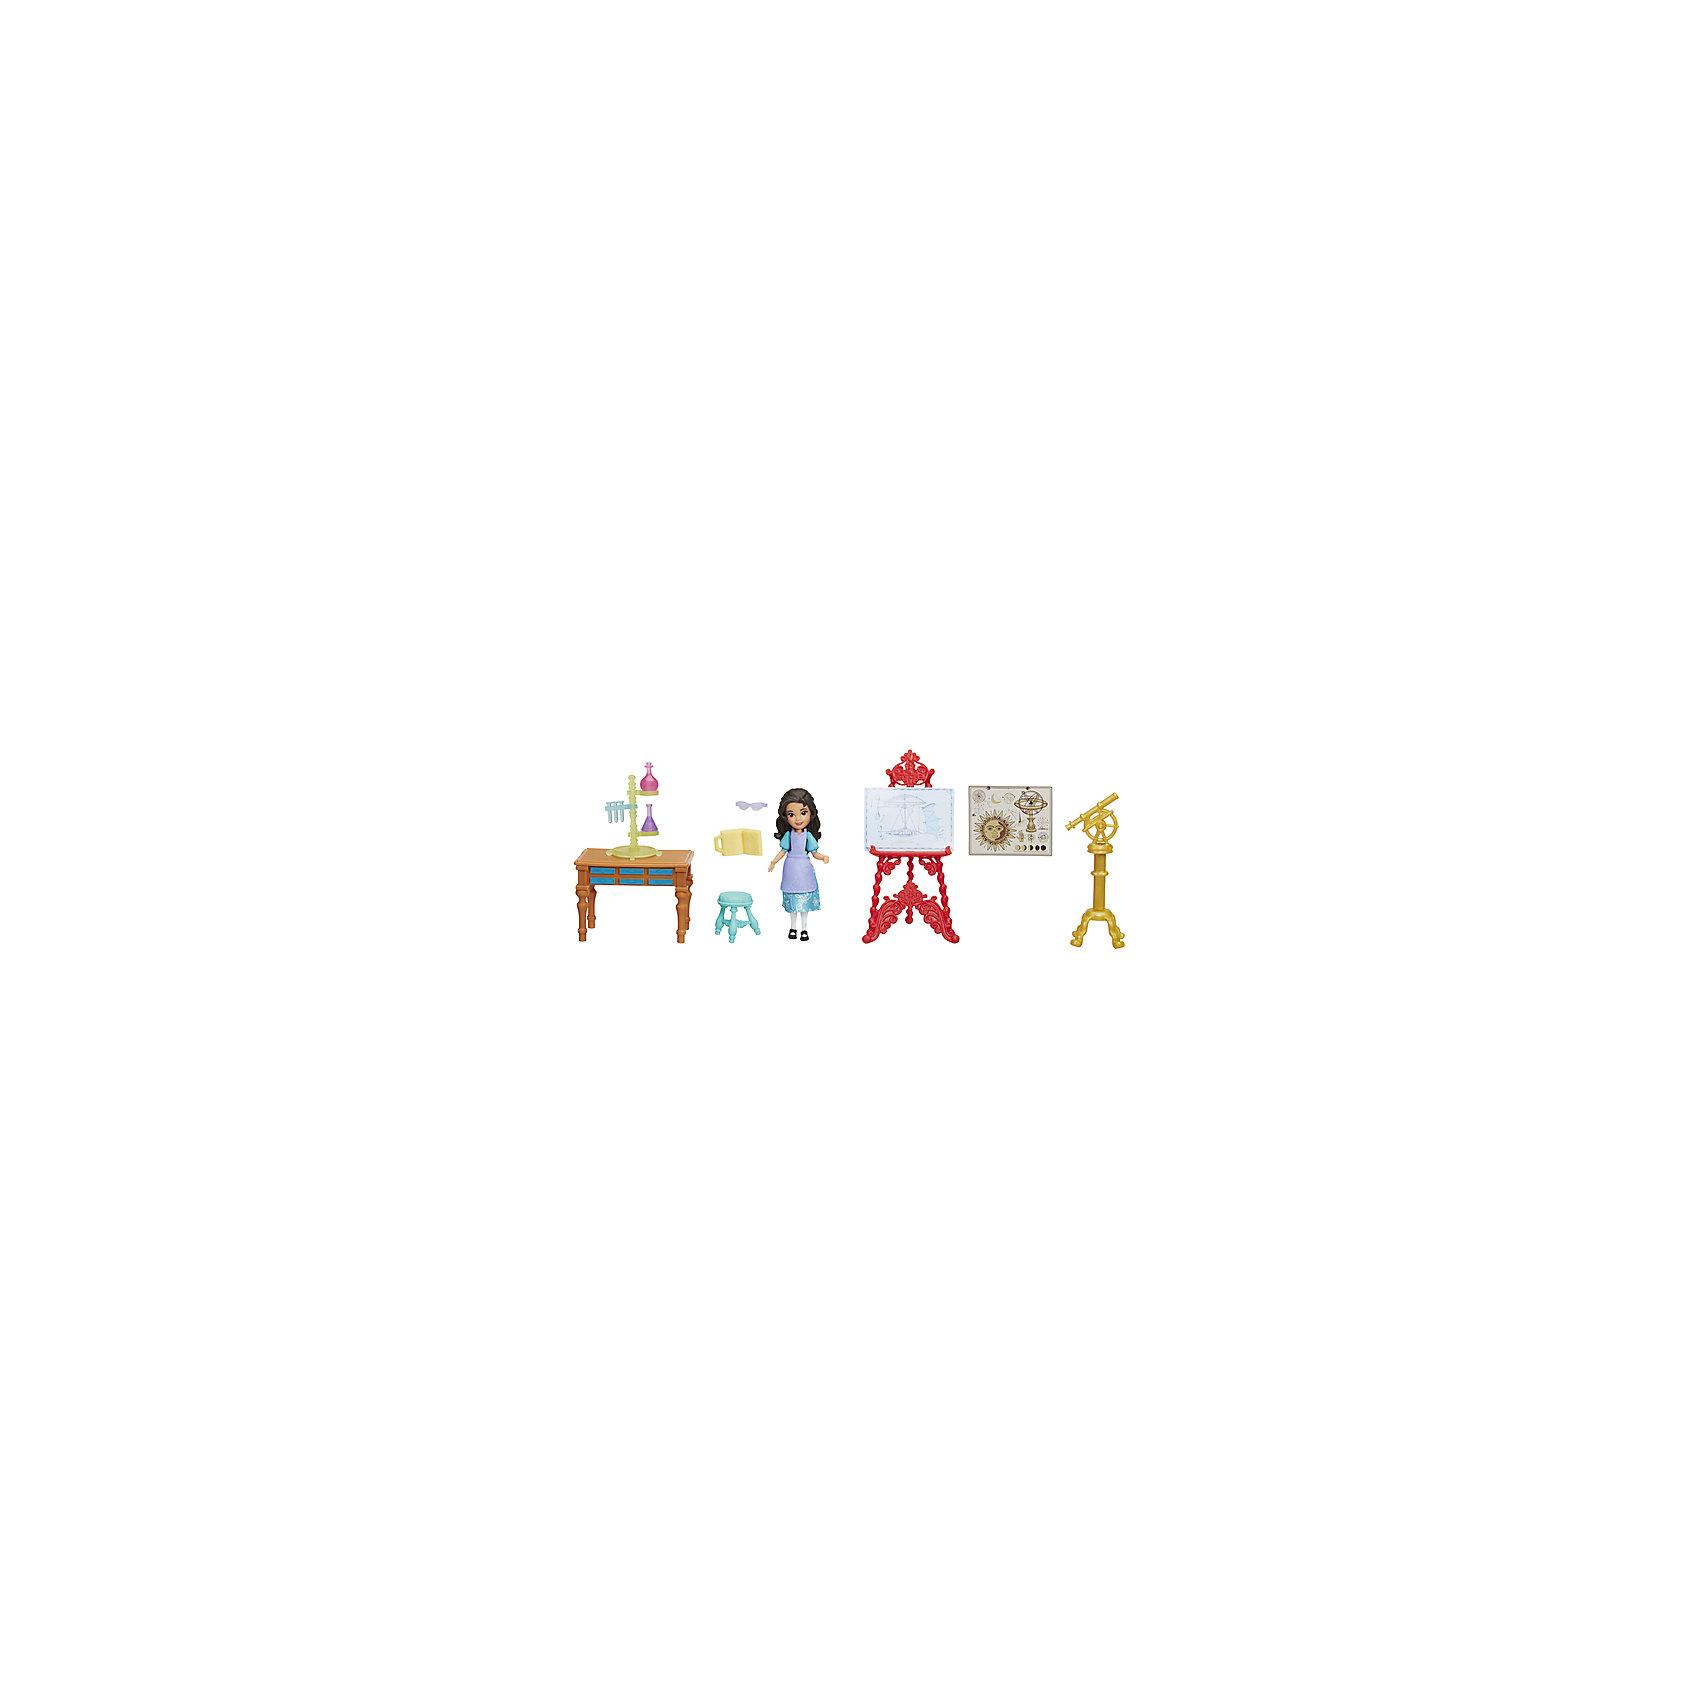 Набор с мини-куклой Hasbro Елена - принцесса Авалона, Изабелла в лабораторииПопулярные игрушки<br>Характеристики:<br><br>• игровой набор для сюжетно-ролевых игр с принцессой Еленой и ее подругой Наоми;<br>• набор предназначен для маленьких кукол из серии Елена – принцесса Авалора;<br>• предметы набора изготовлены из пластика;<br>• разнообразить игры помогают дополнительные предметы из различных наборов;<br>• предметы игровых наборов совместимы друг с другом;<br>• обратите внимание: игрушки в ассортименте, представлены различные игровые наборы.<br><br>Игровой набор для маленьких кукол Елена – принцесса Авалора ассорт можно купить в нашем интернет-магазине.<br><br>Ширина мм: 9999<br>Глубина мм: 9999<br>Высота мм: 9999<br>Вес г: 9999<br>Возраст от месяцев: 48<br>Возраст до месяцев: 120<br>Пол: Женский<br>Возраст: Детский<br>SKU: 7097978